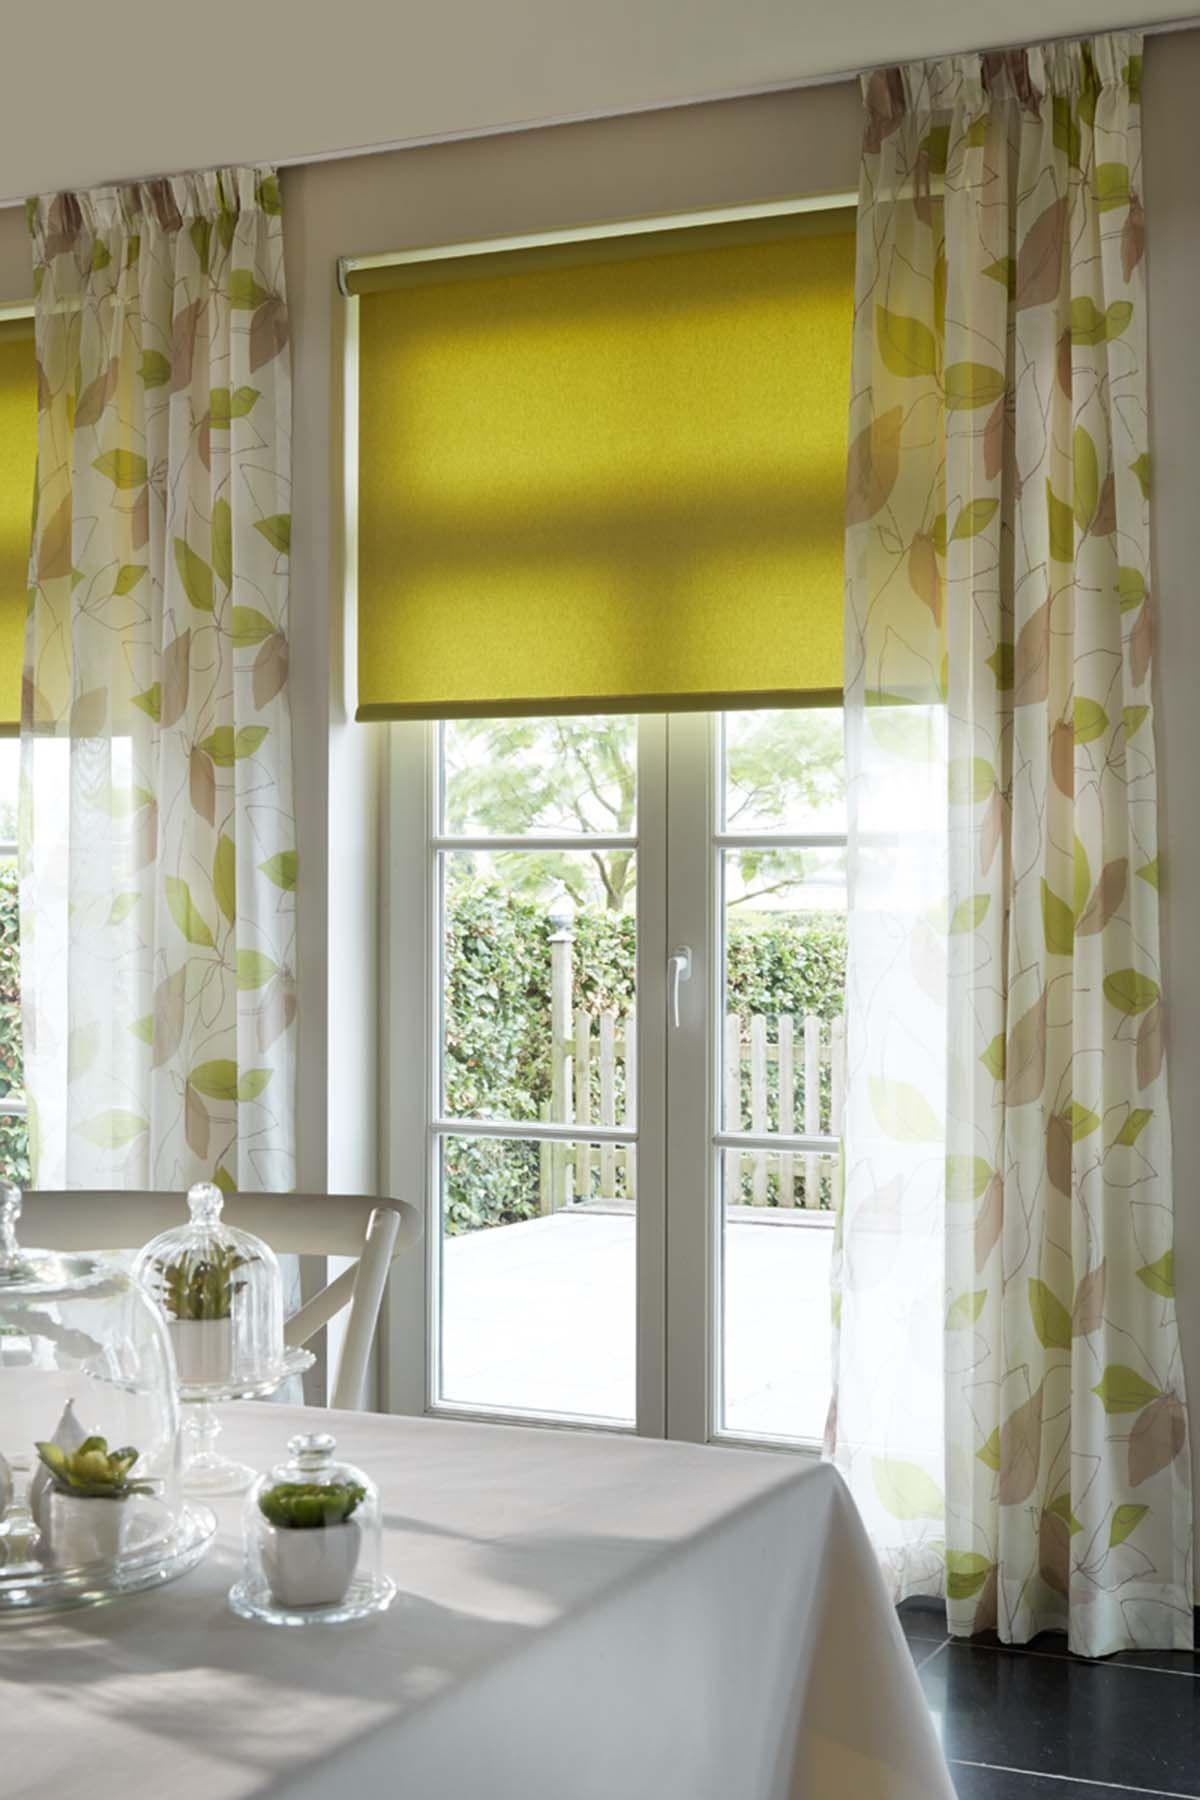 Confection de rideaux et stores enrouleur en tissu nala vert rideaux pinterest rideaux - Store fenetre cuisine ...